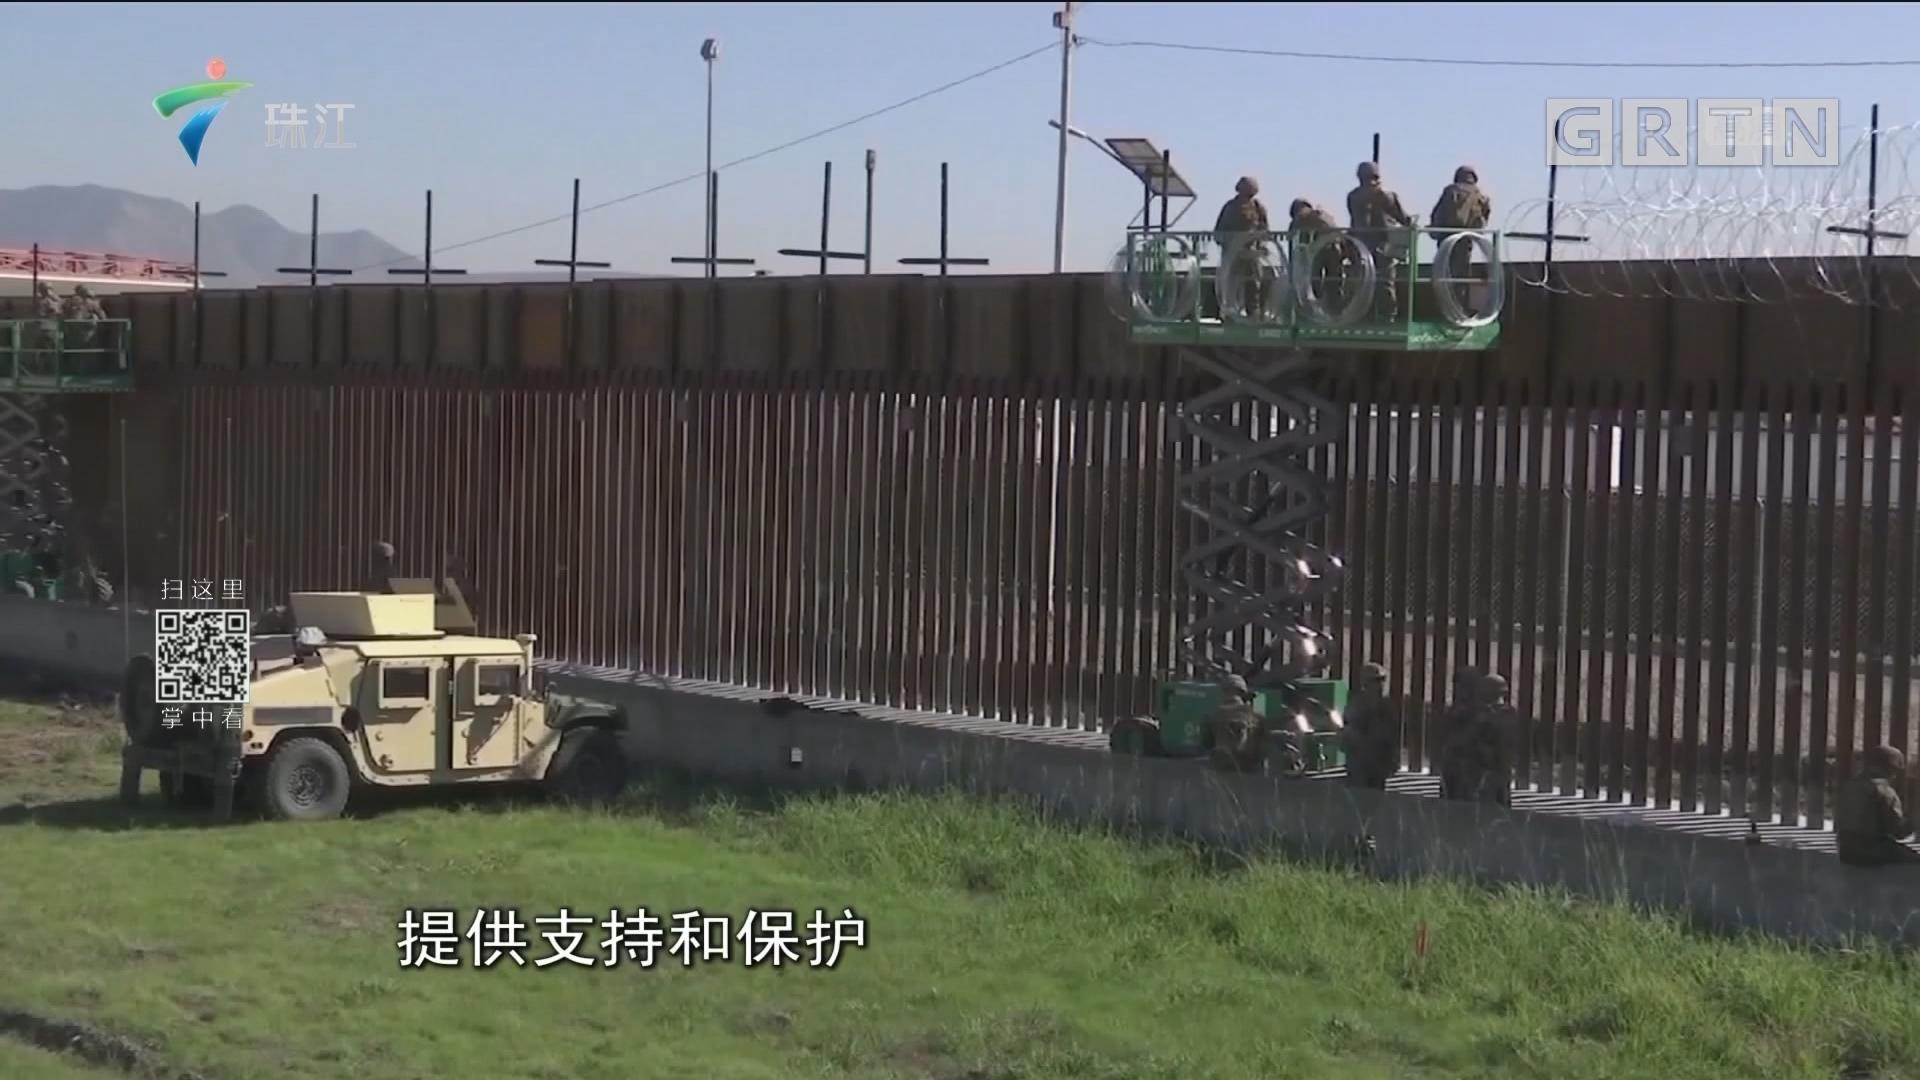 美国土安全部寻求延长美墨边境驻扎时间